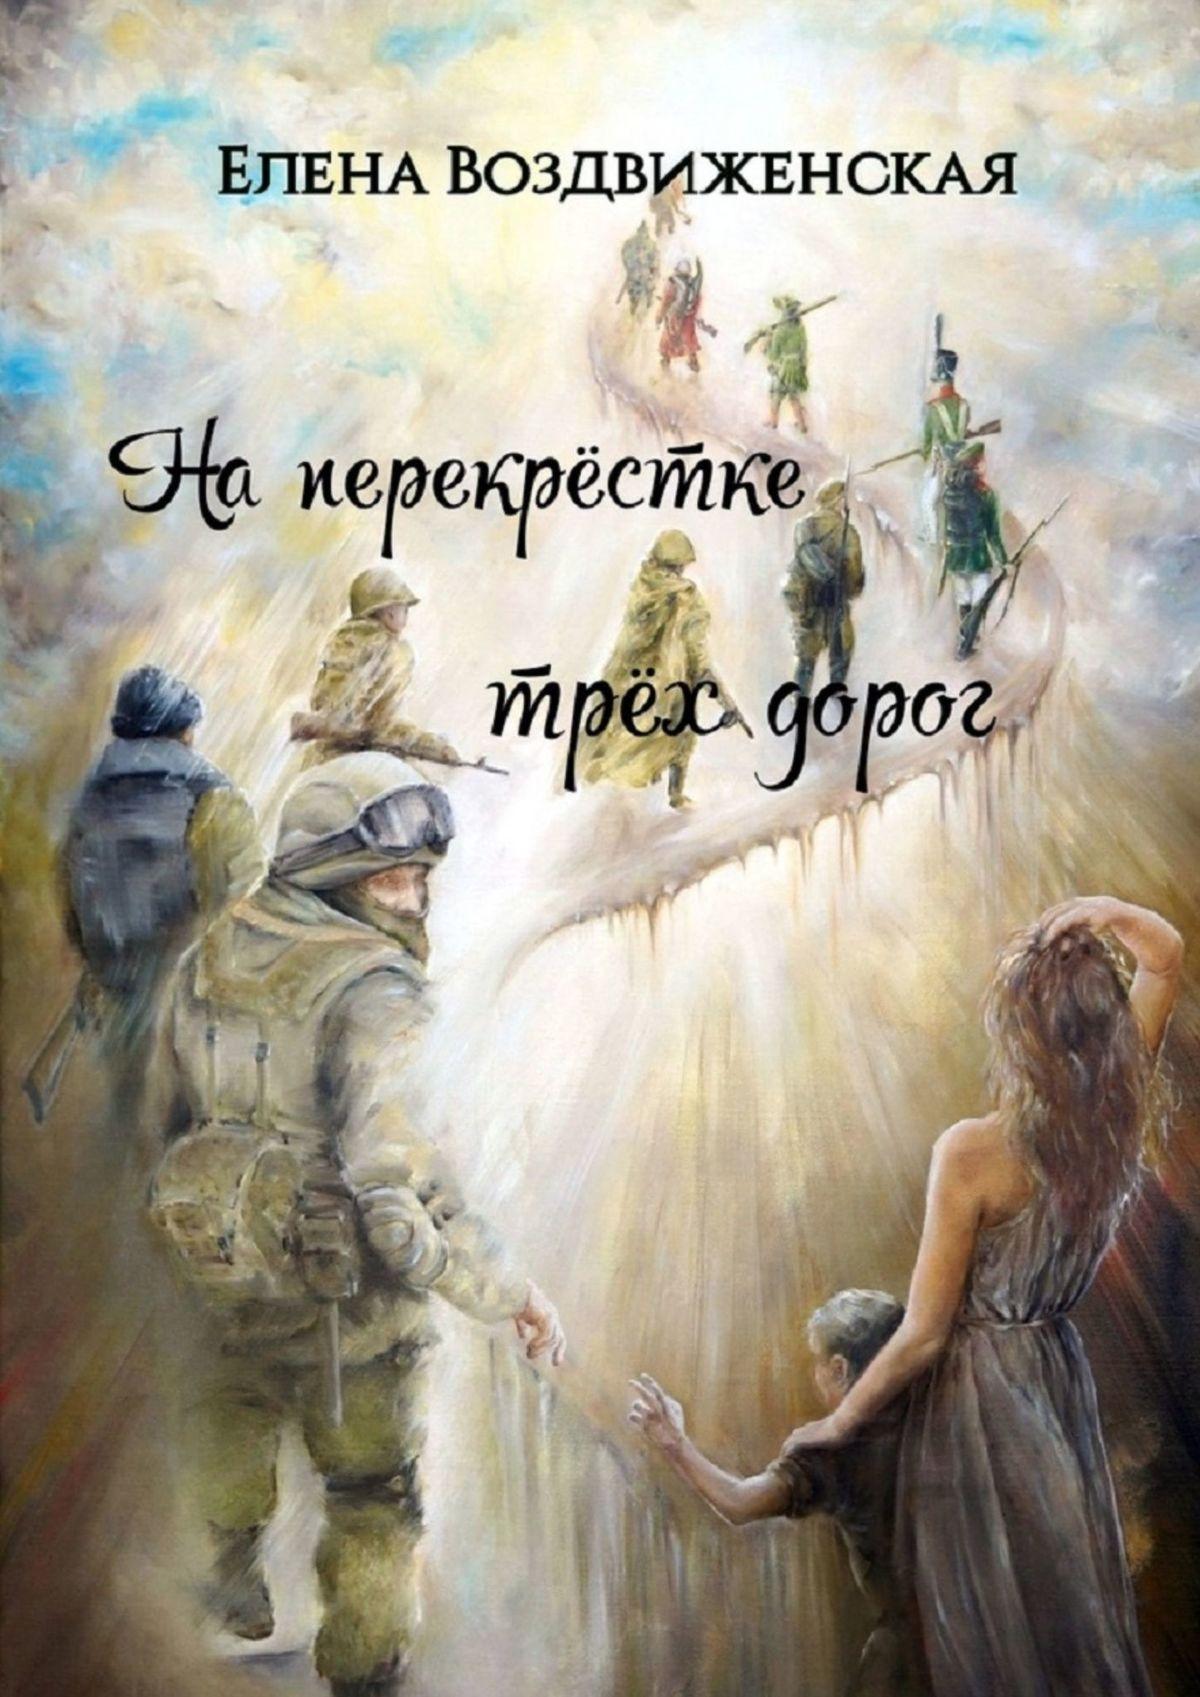 Елена Воздвиженская Наперекрёстке трёх дорог